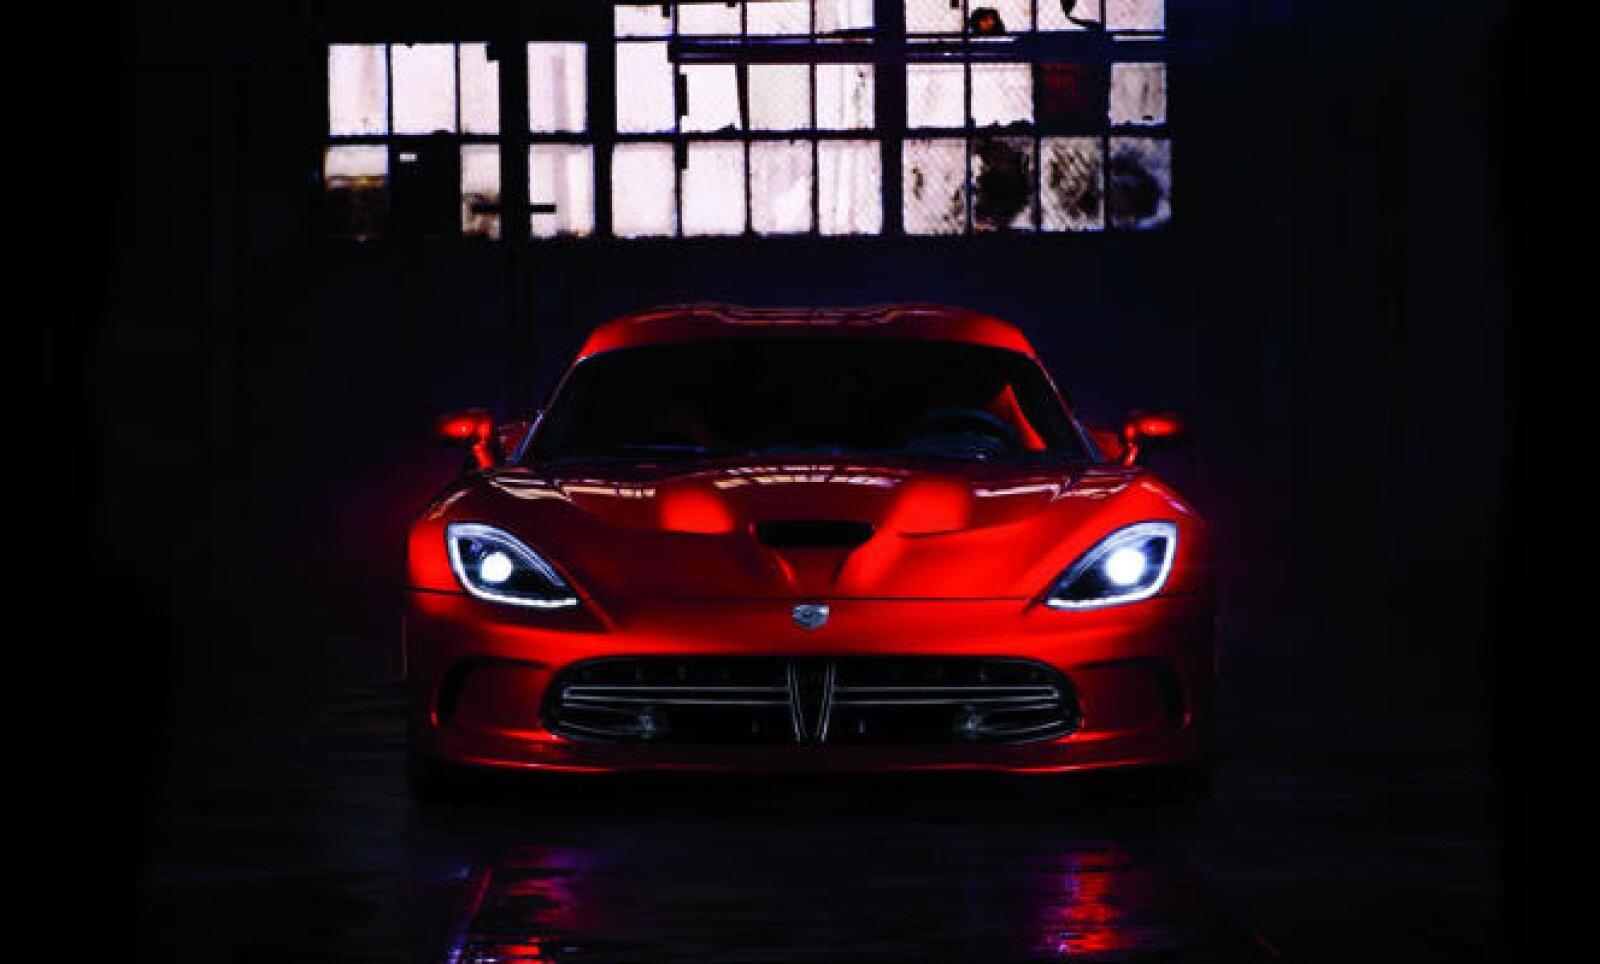 Del 6 al 15 de abril se llevó a cabo la edición 112 del Show Internacional de Automóviles de Nueva York, el cual arrancó con la presentación de más de mil nuevos modelos de vehículos que se verán en las calles en 2013.